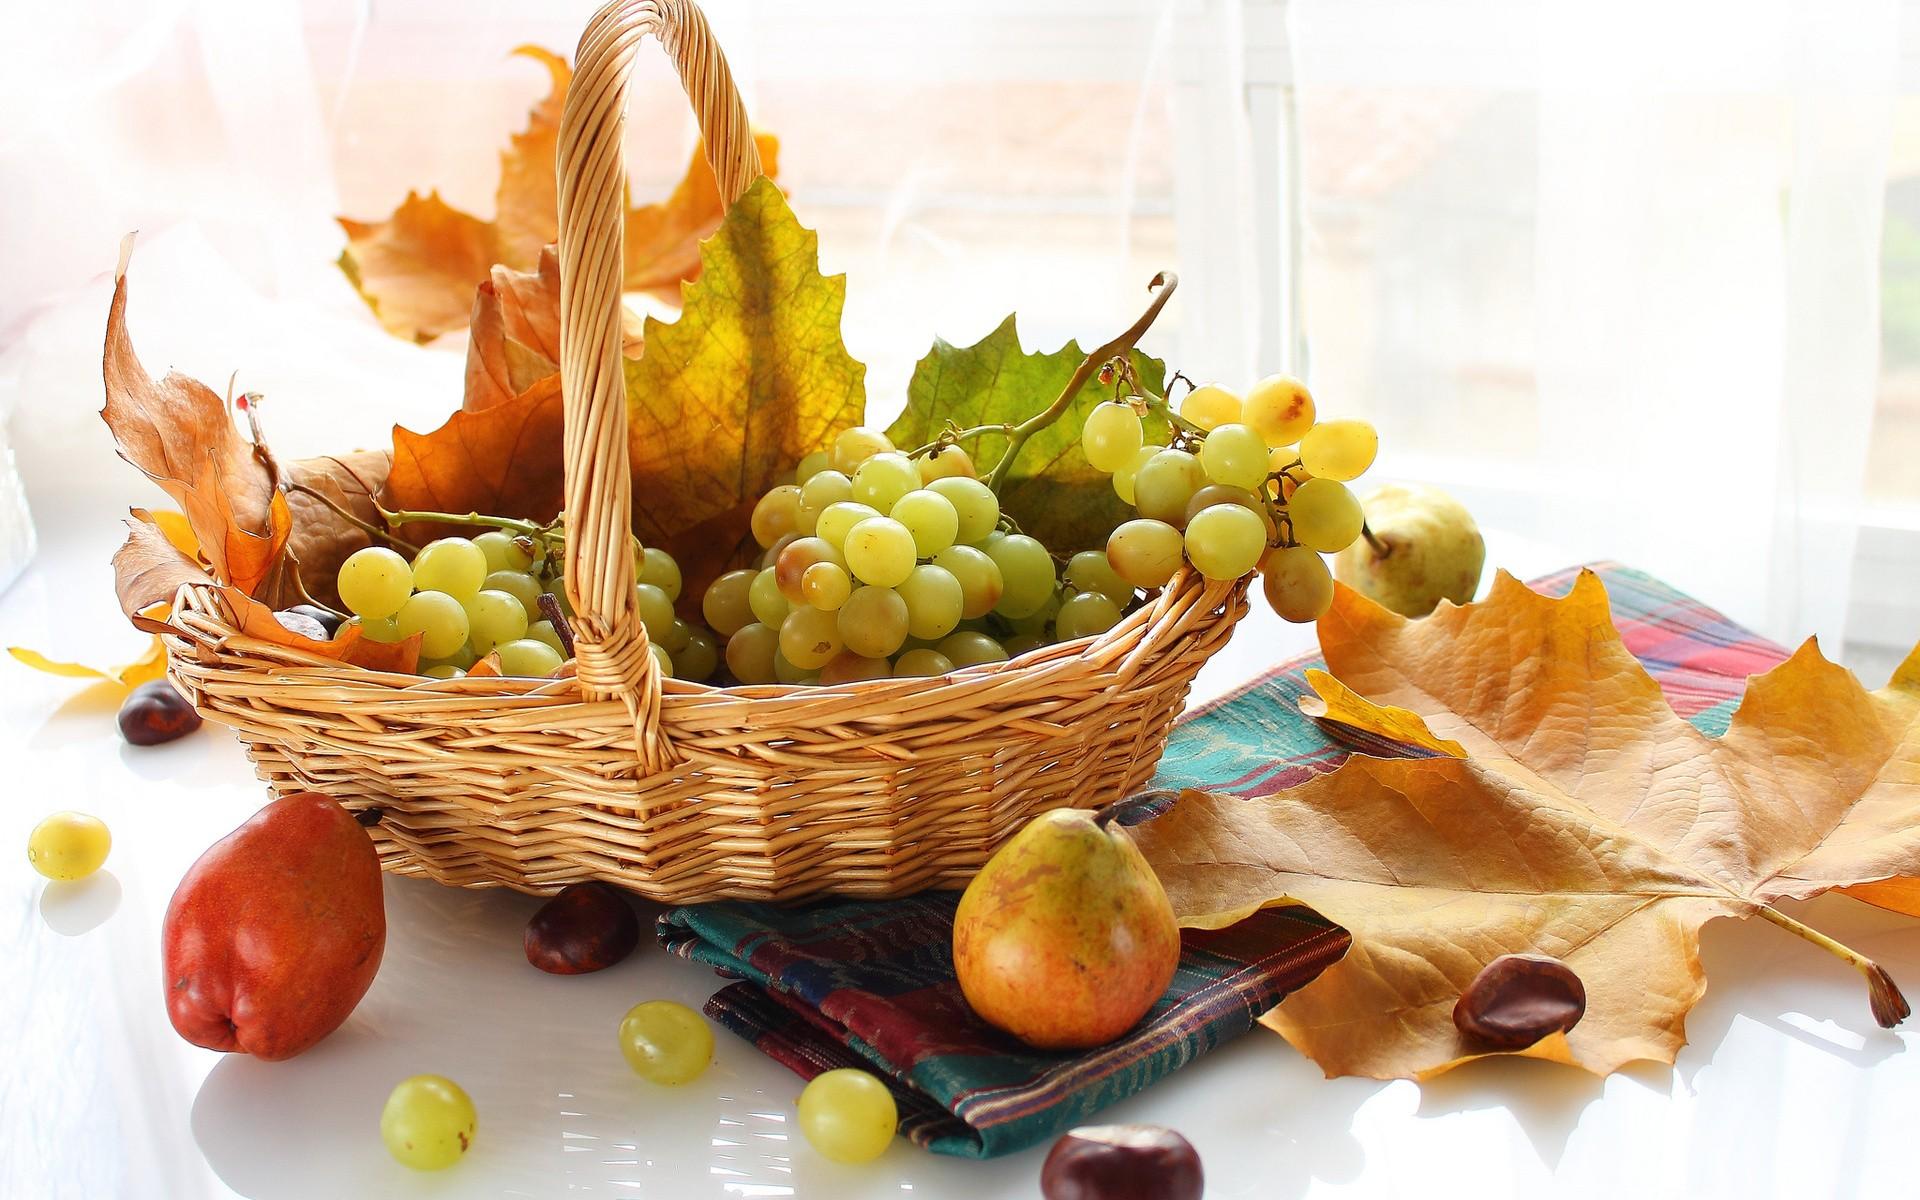 Masaüstü Boyama Gıda Meyve üzüm Armutlar Sonbahar Yaprak